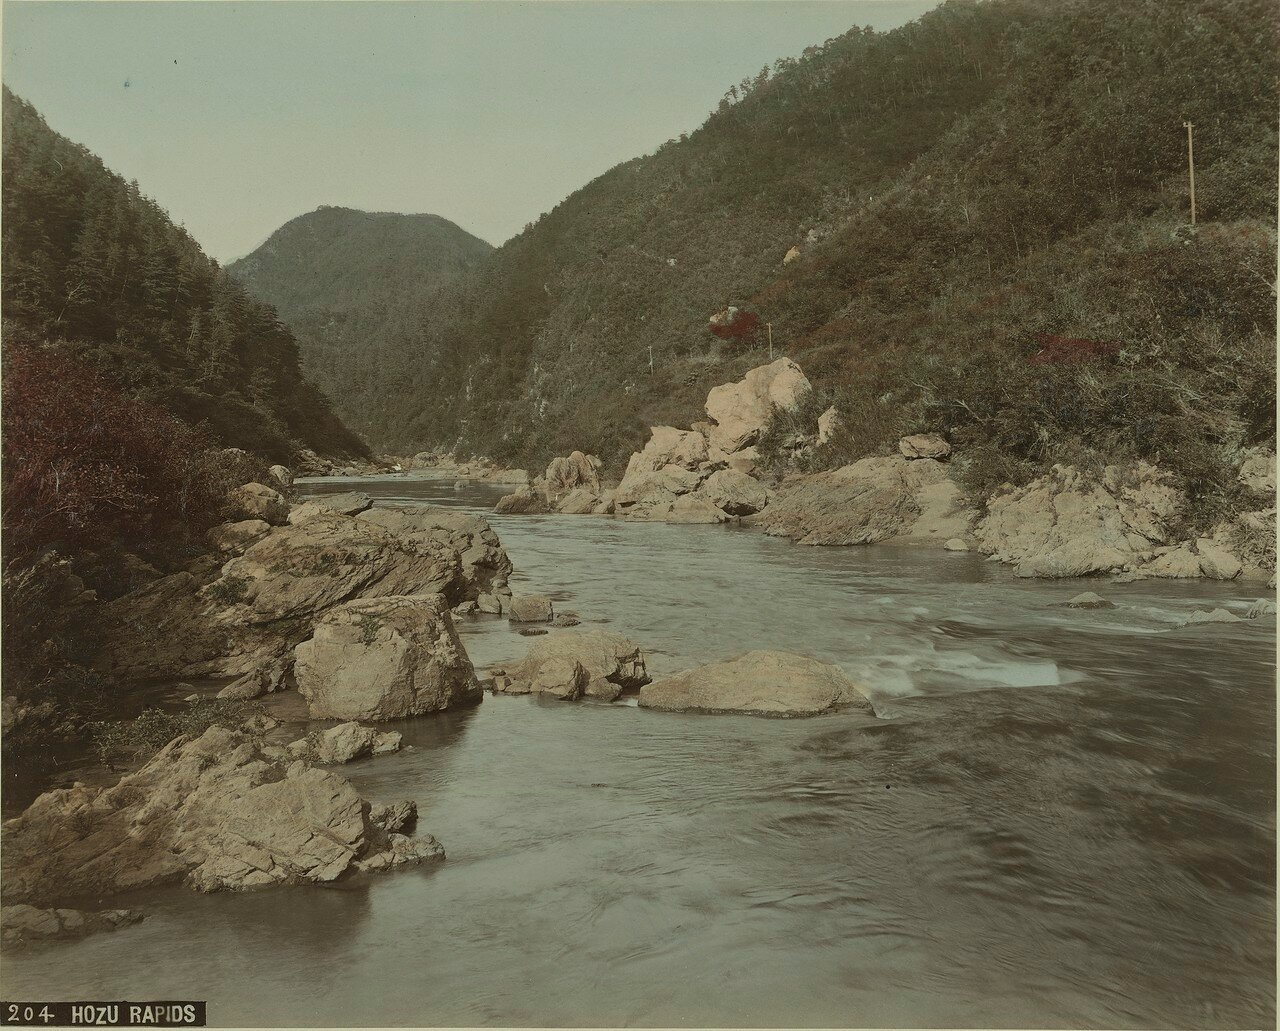 На реке Хозу